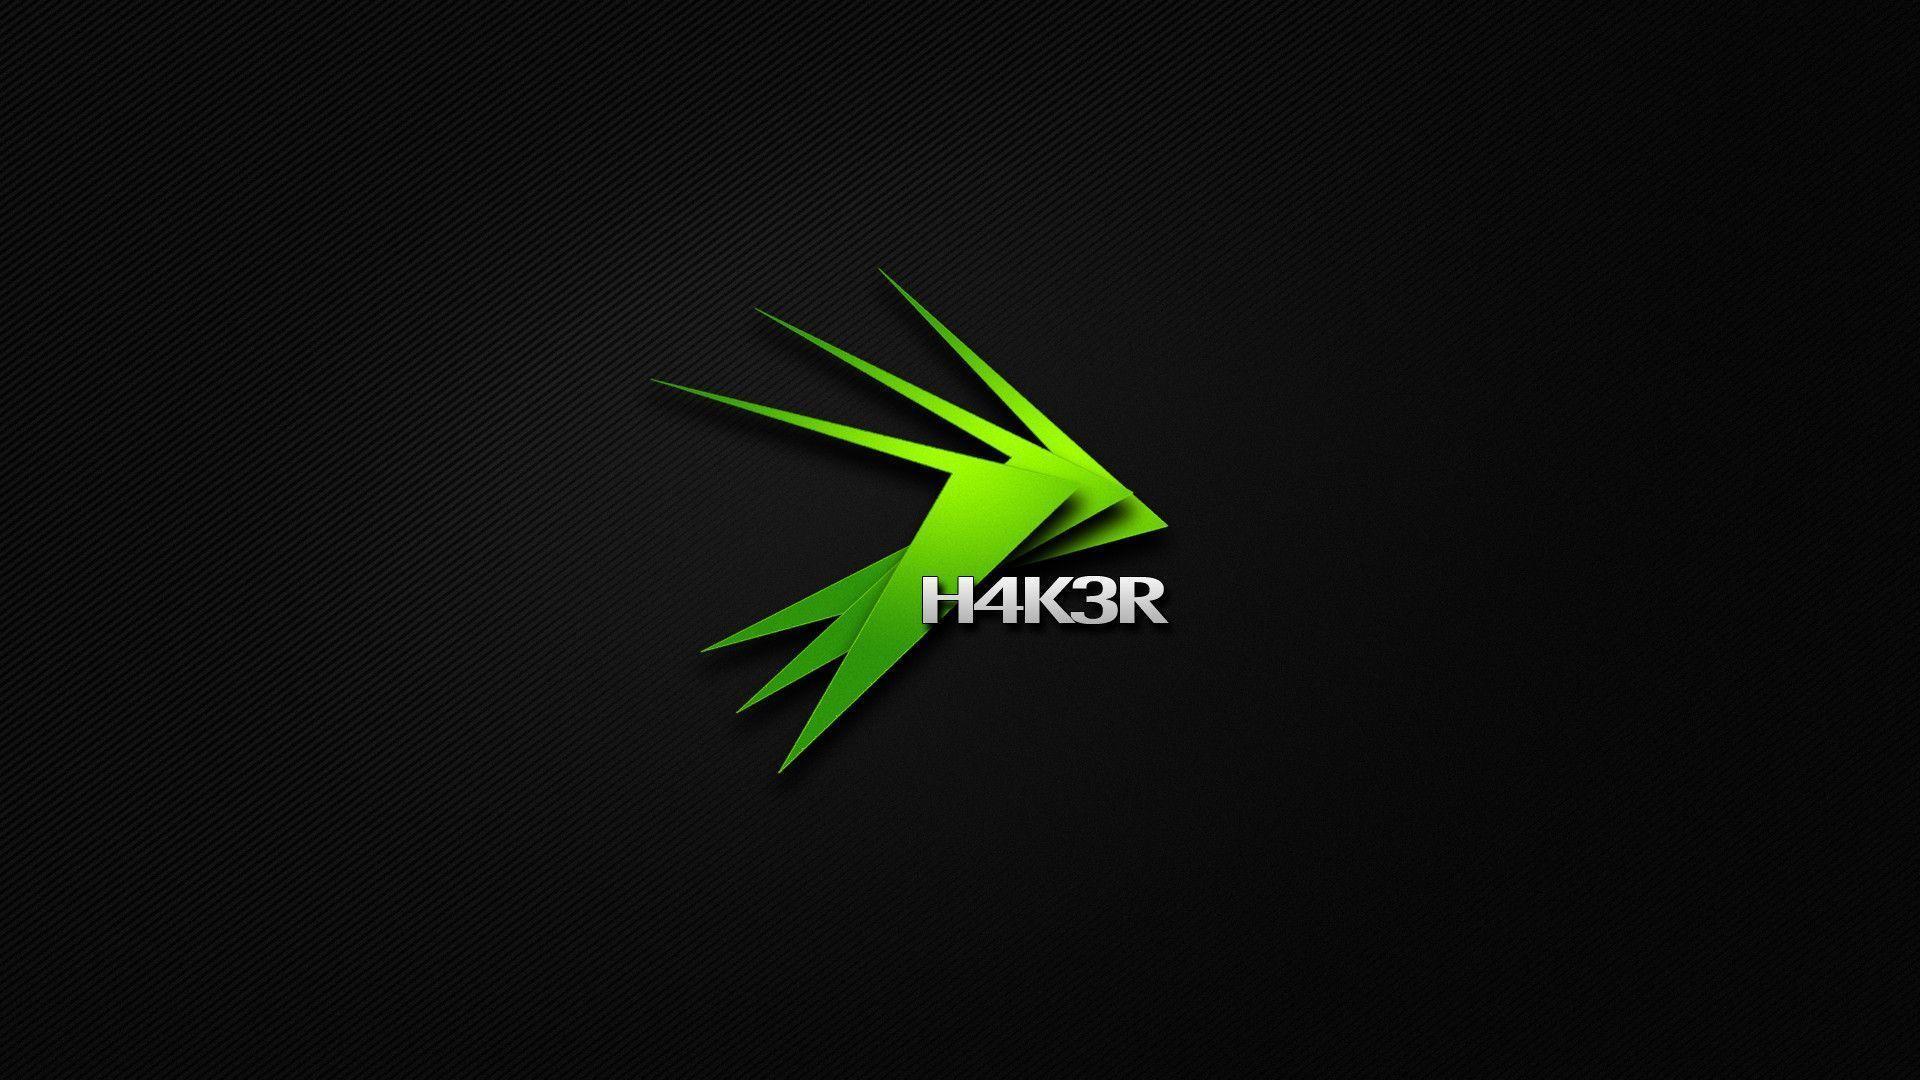 hackers wallpapers hack - photo #26